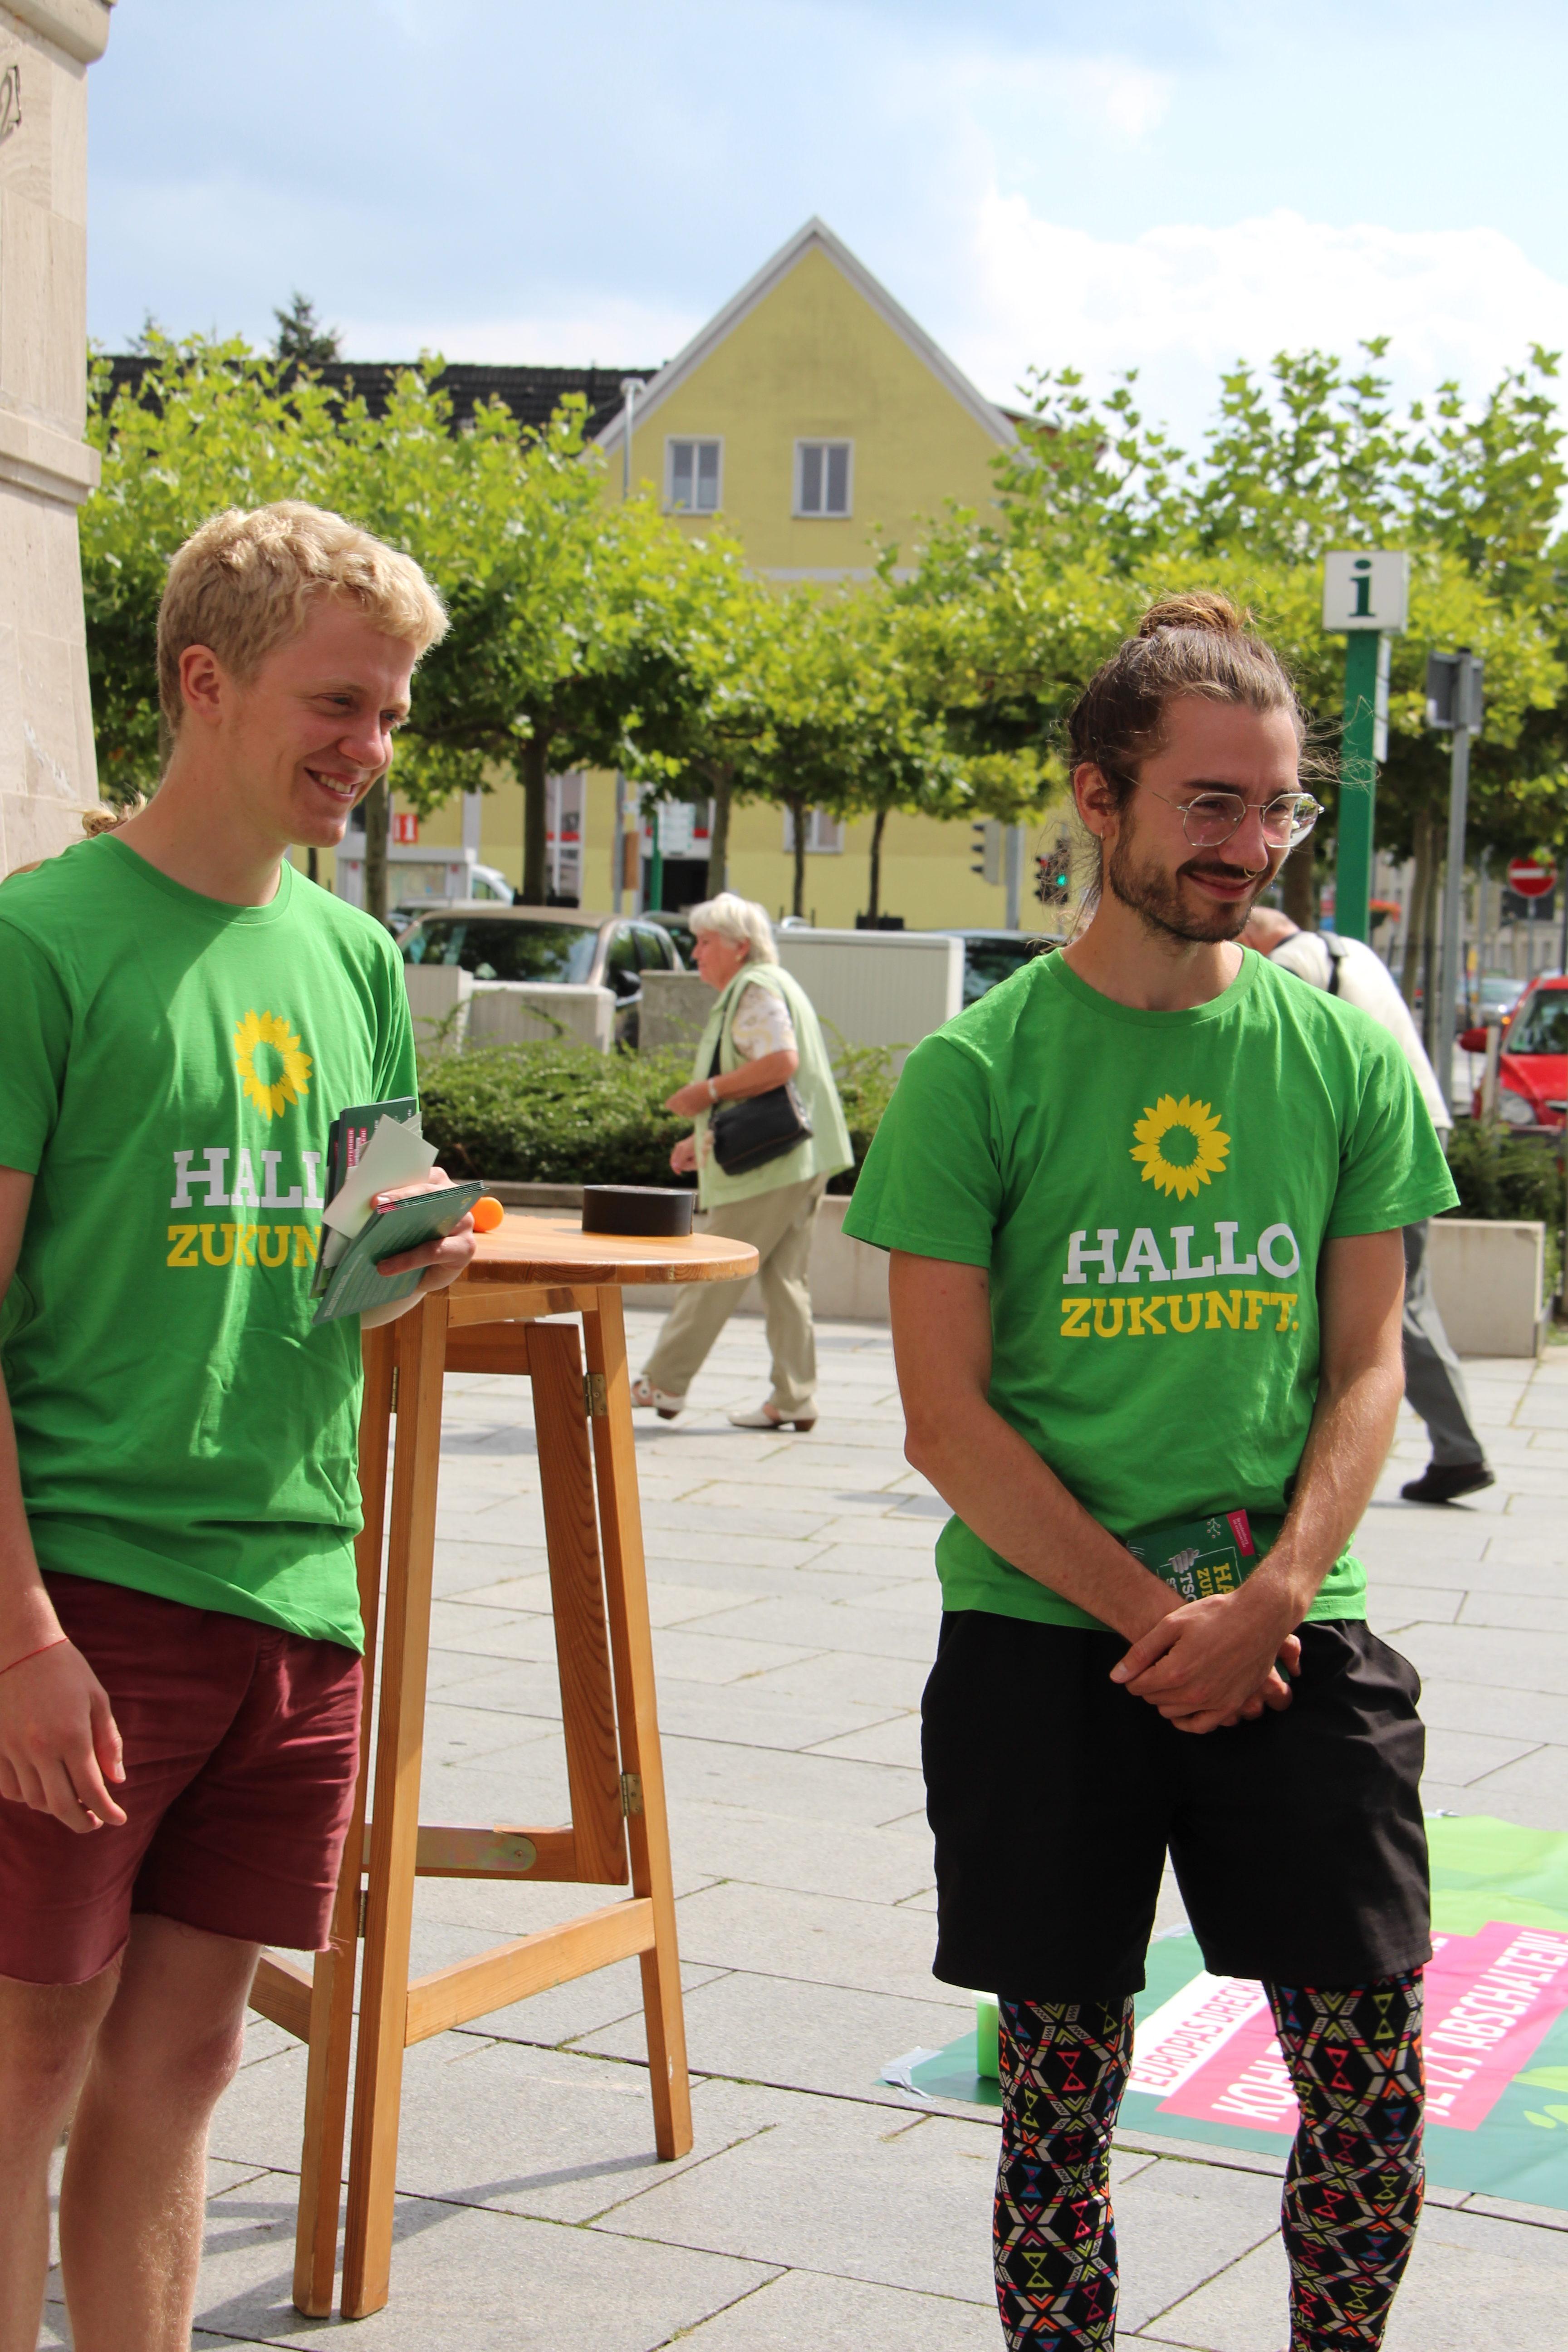 Zwei Menschen in Grünen T-Shirts stehen an einem Wahl·kampf·stand